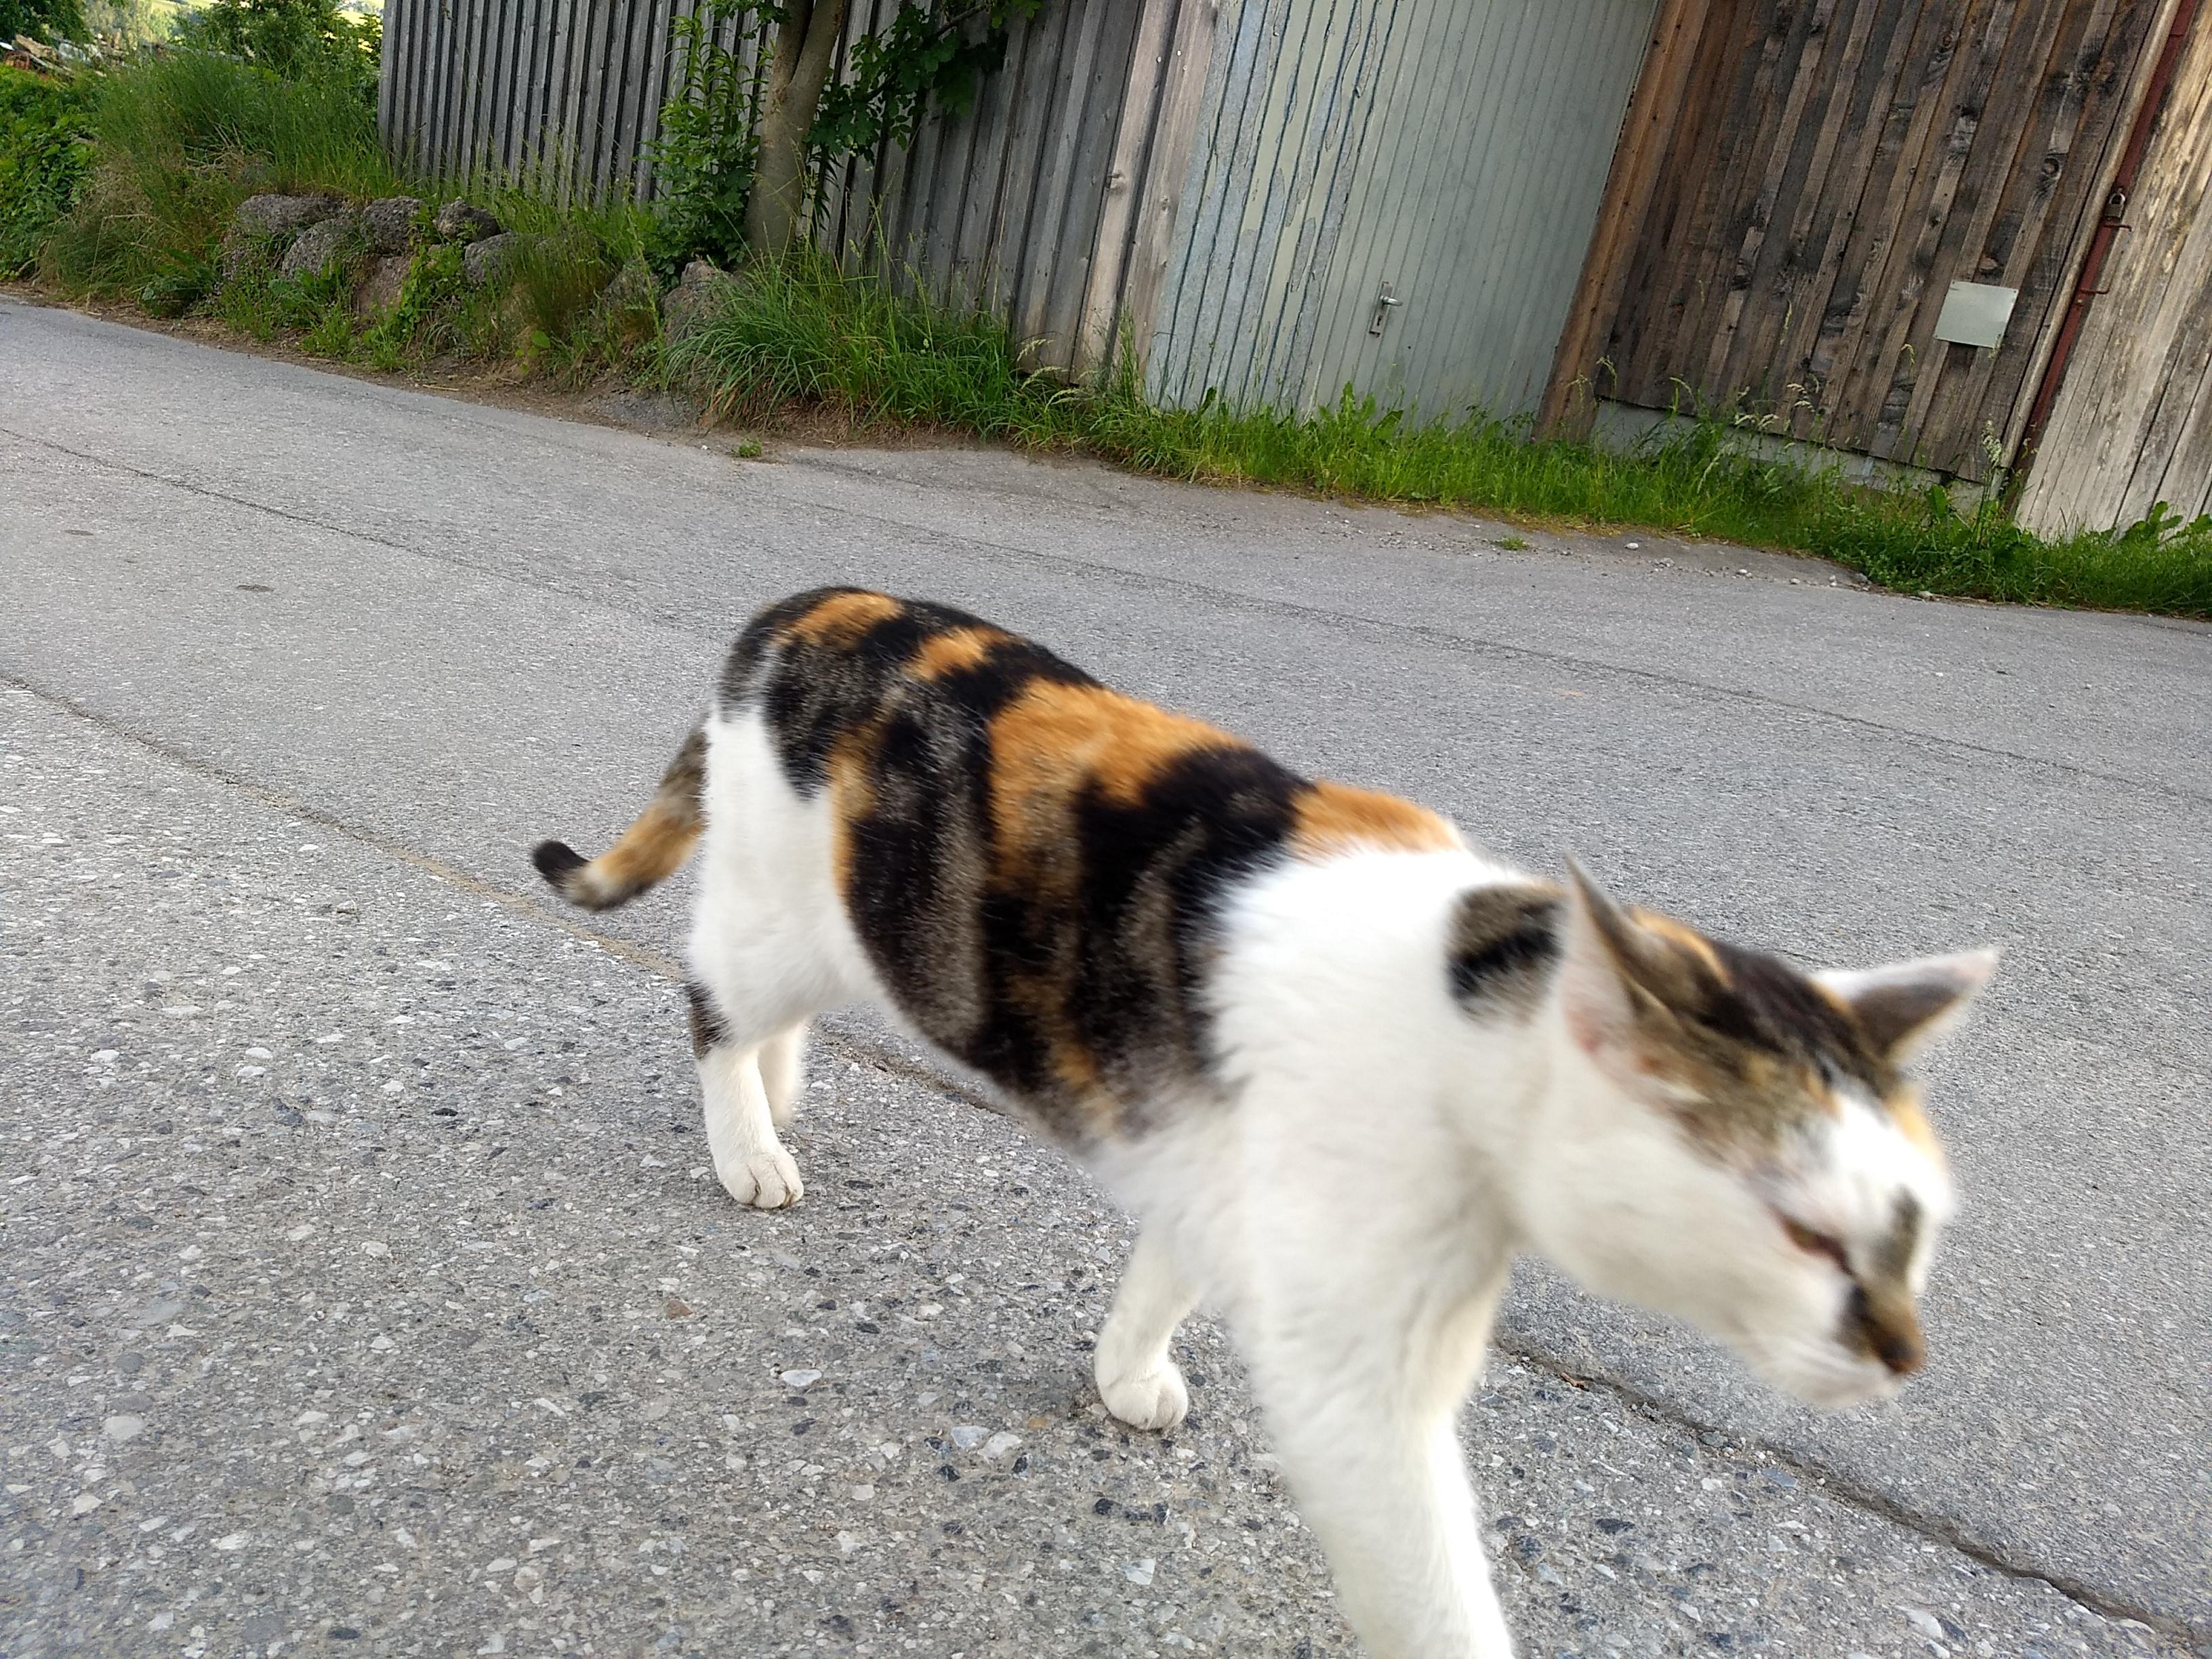 a phoot of a cat walking determinedly across an asphalt street